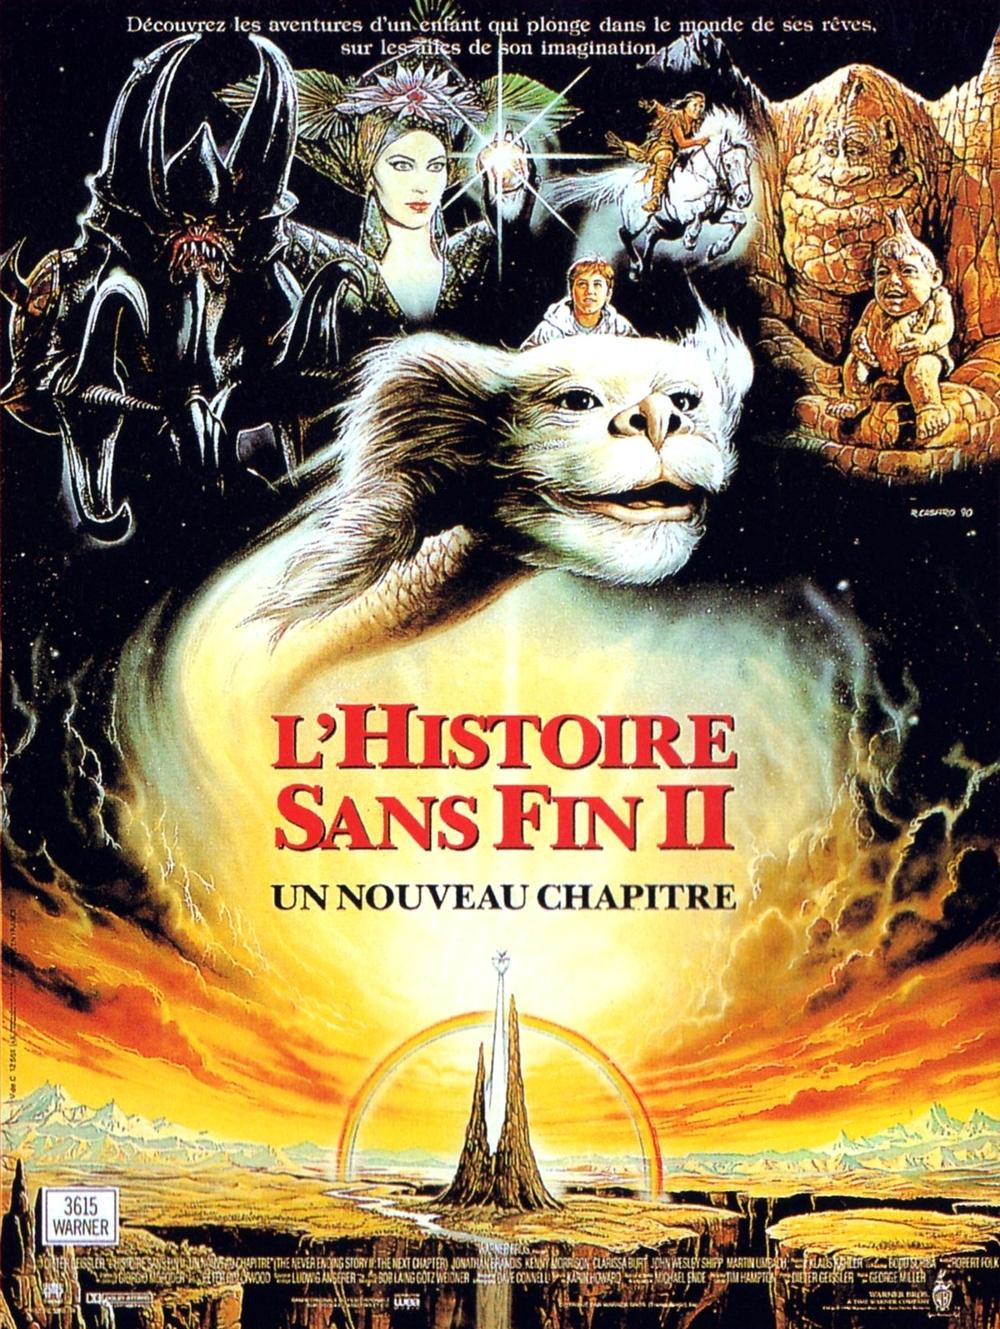 affiche du film L'histoire sans fin 2